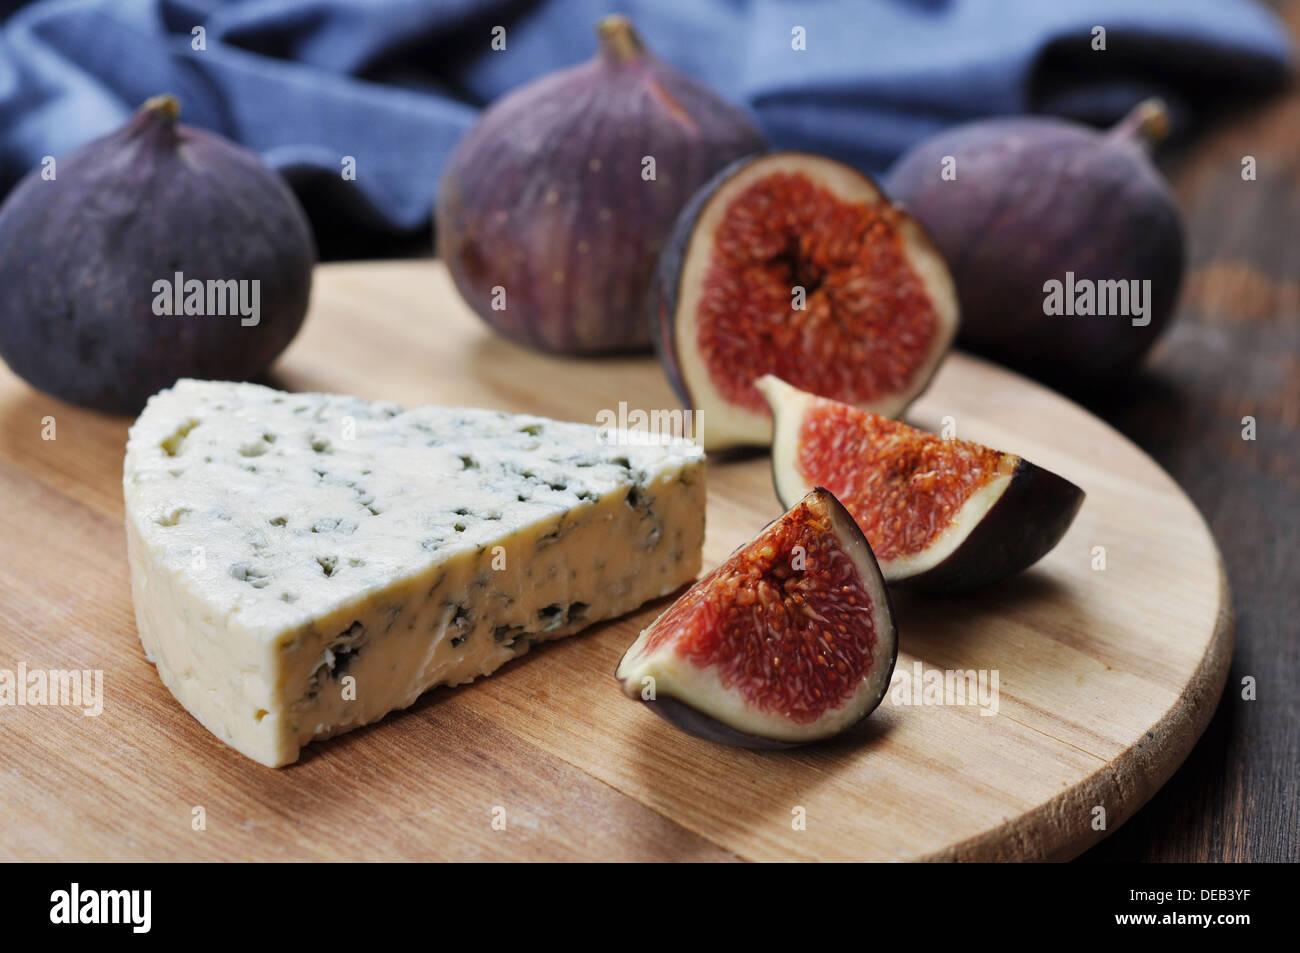 El queso azul y los higos frescos Frutas sobre una tabla de cortar de madera Imagen De Stock